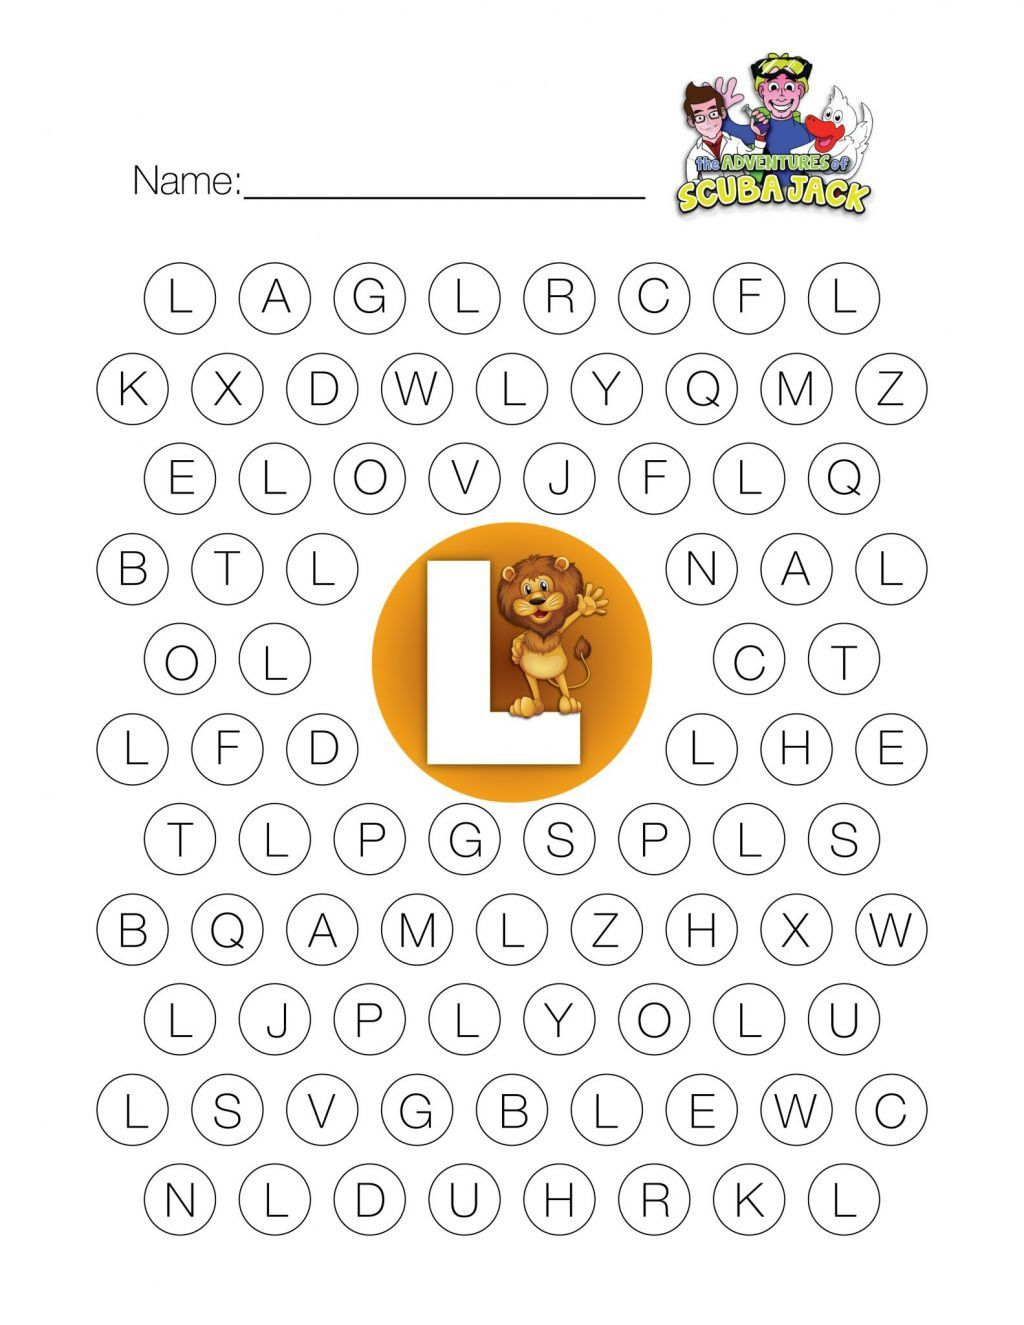 6 Alphabet Letter L Worksheet In 2020 Printable Preschool Worksheets Shape Worksheets For Preschool Alphabet Worksheets